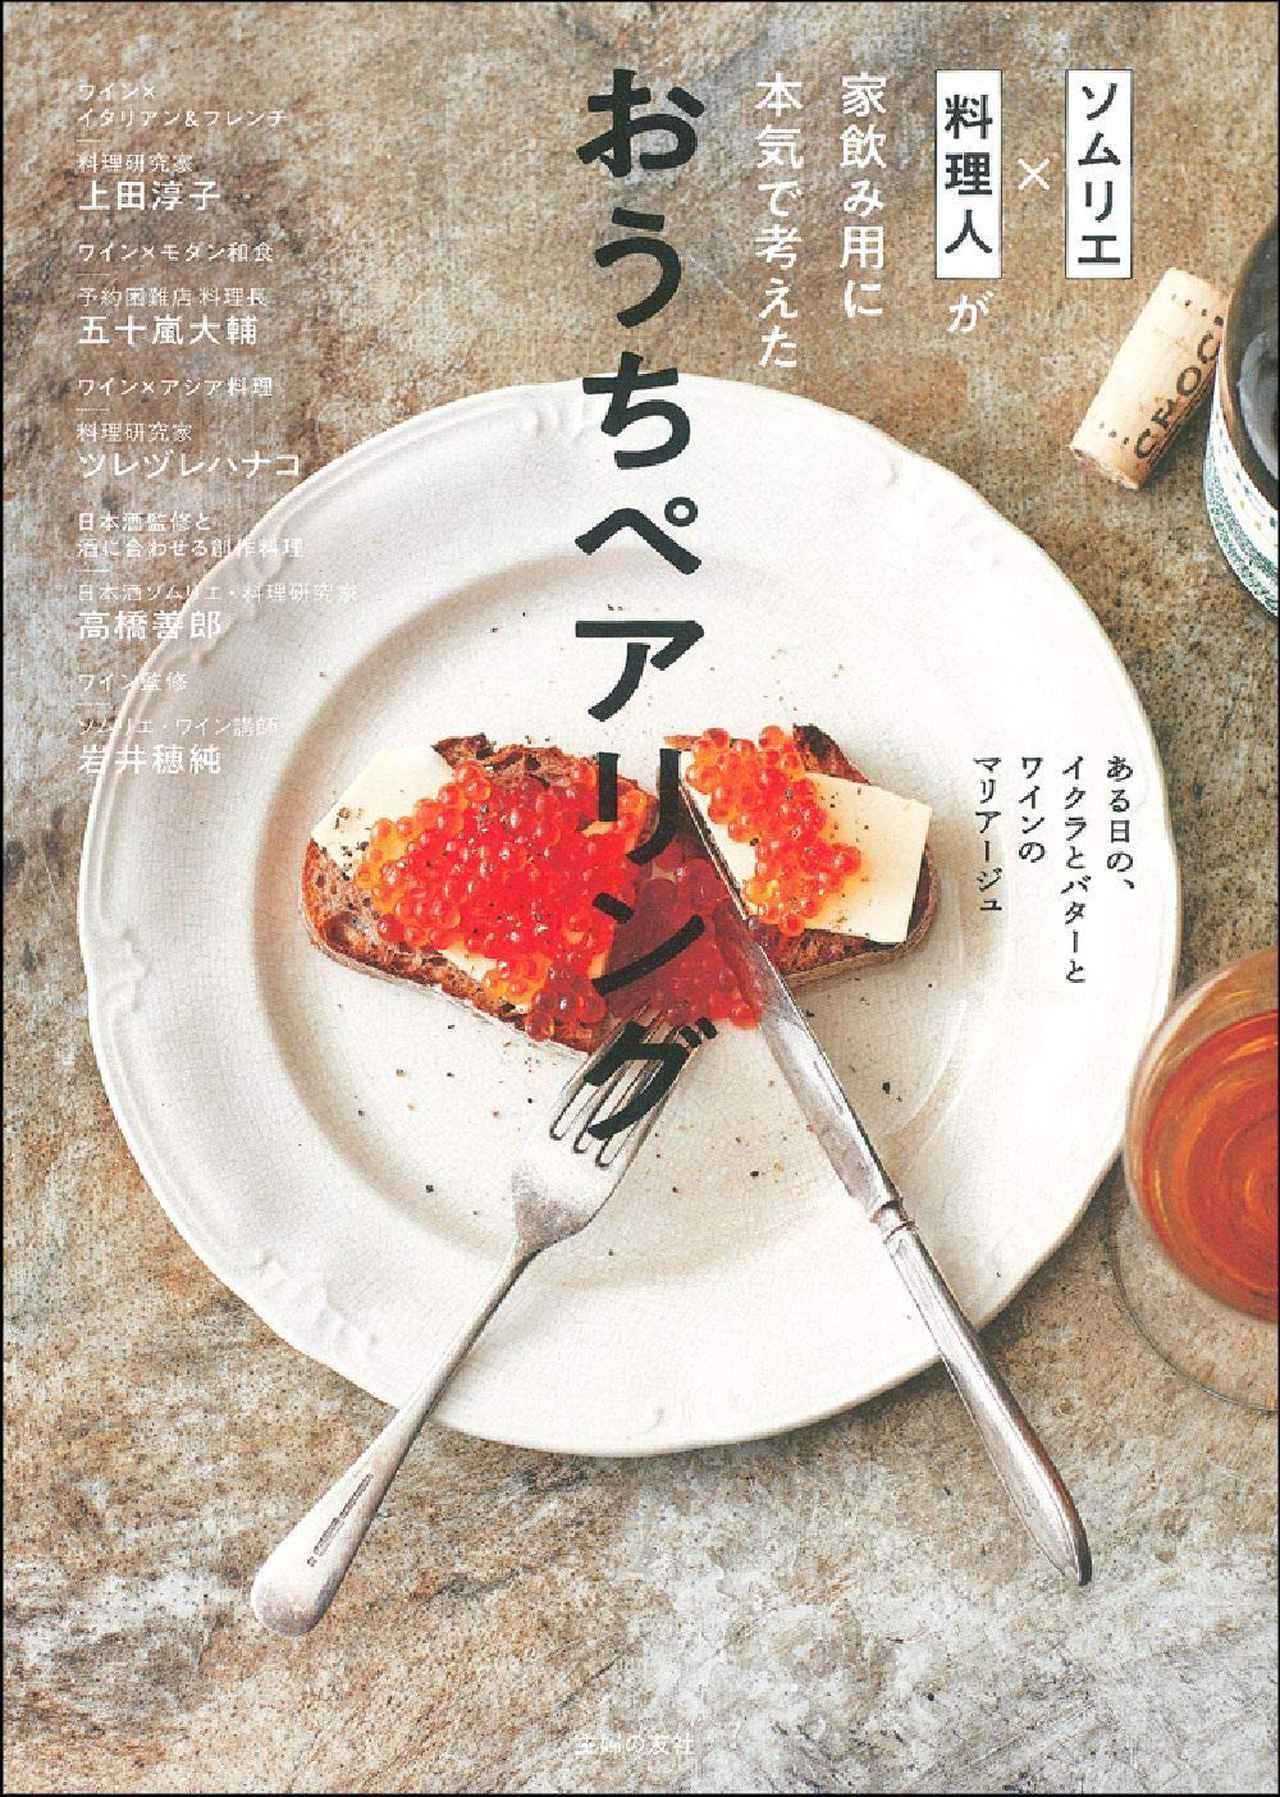 画像: 『ソムリエ×料理人が家飲み用に本気で考えた おうちペアリング』〜WK Library お勧めブックガイド〜